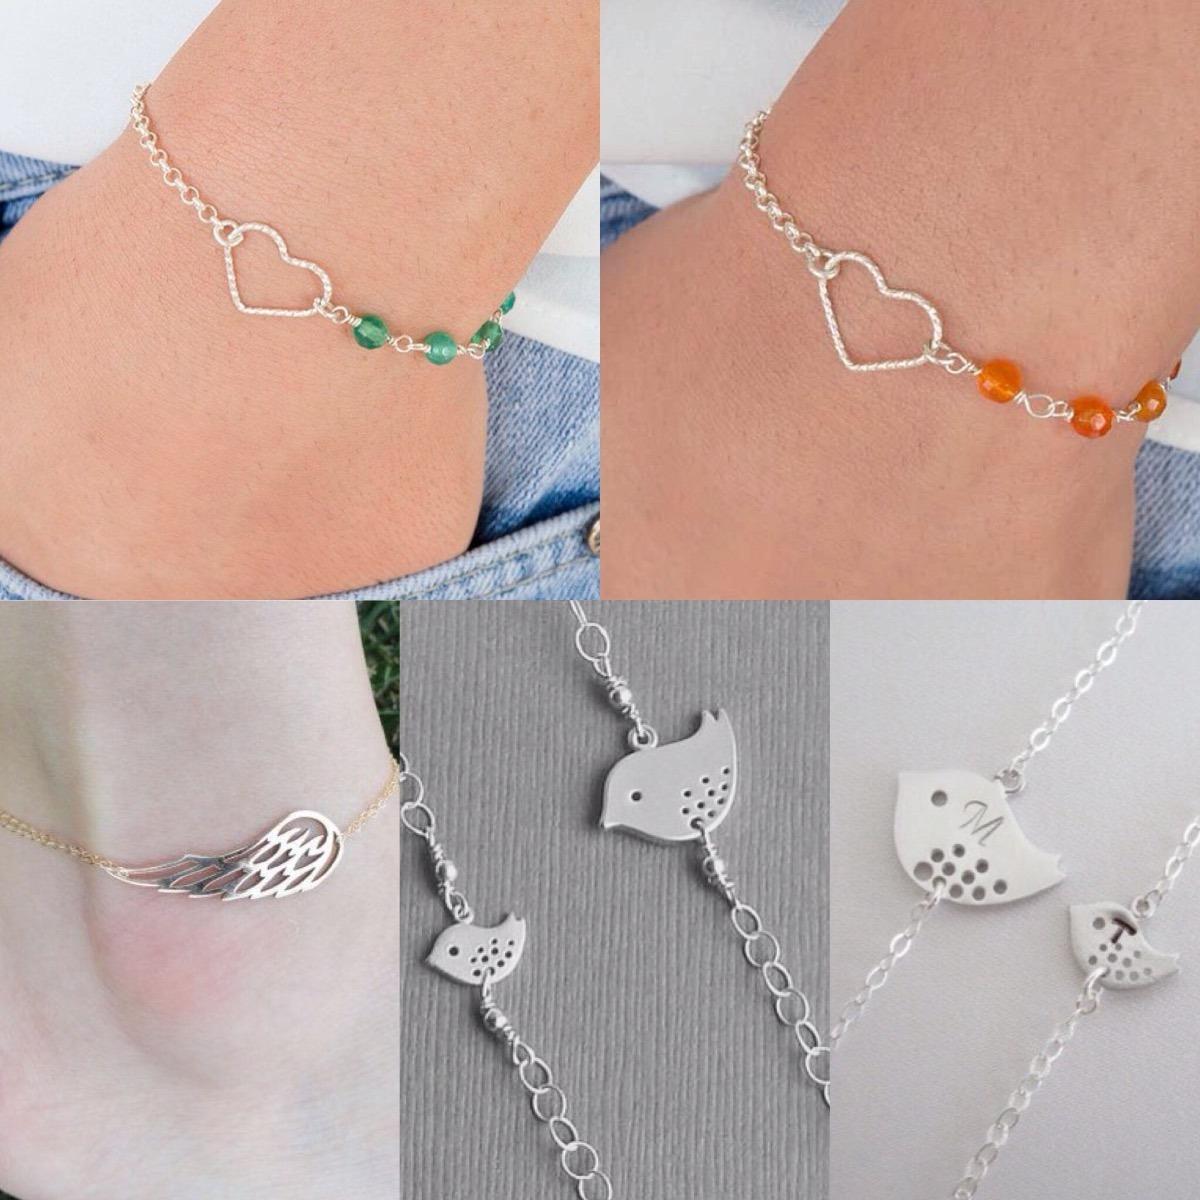 8de2e2689a17 brazalete pulsera joyas personalisadas en plata 950 de mujer. Cargando zoom.